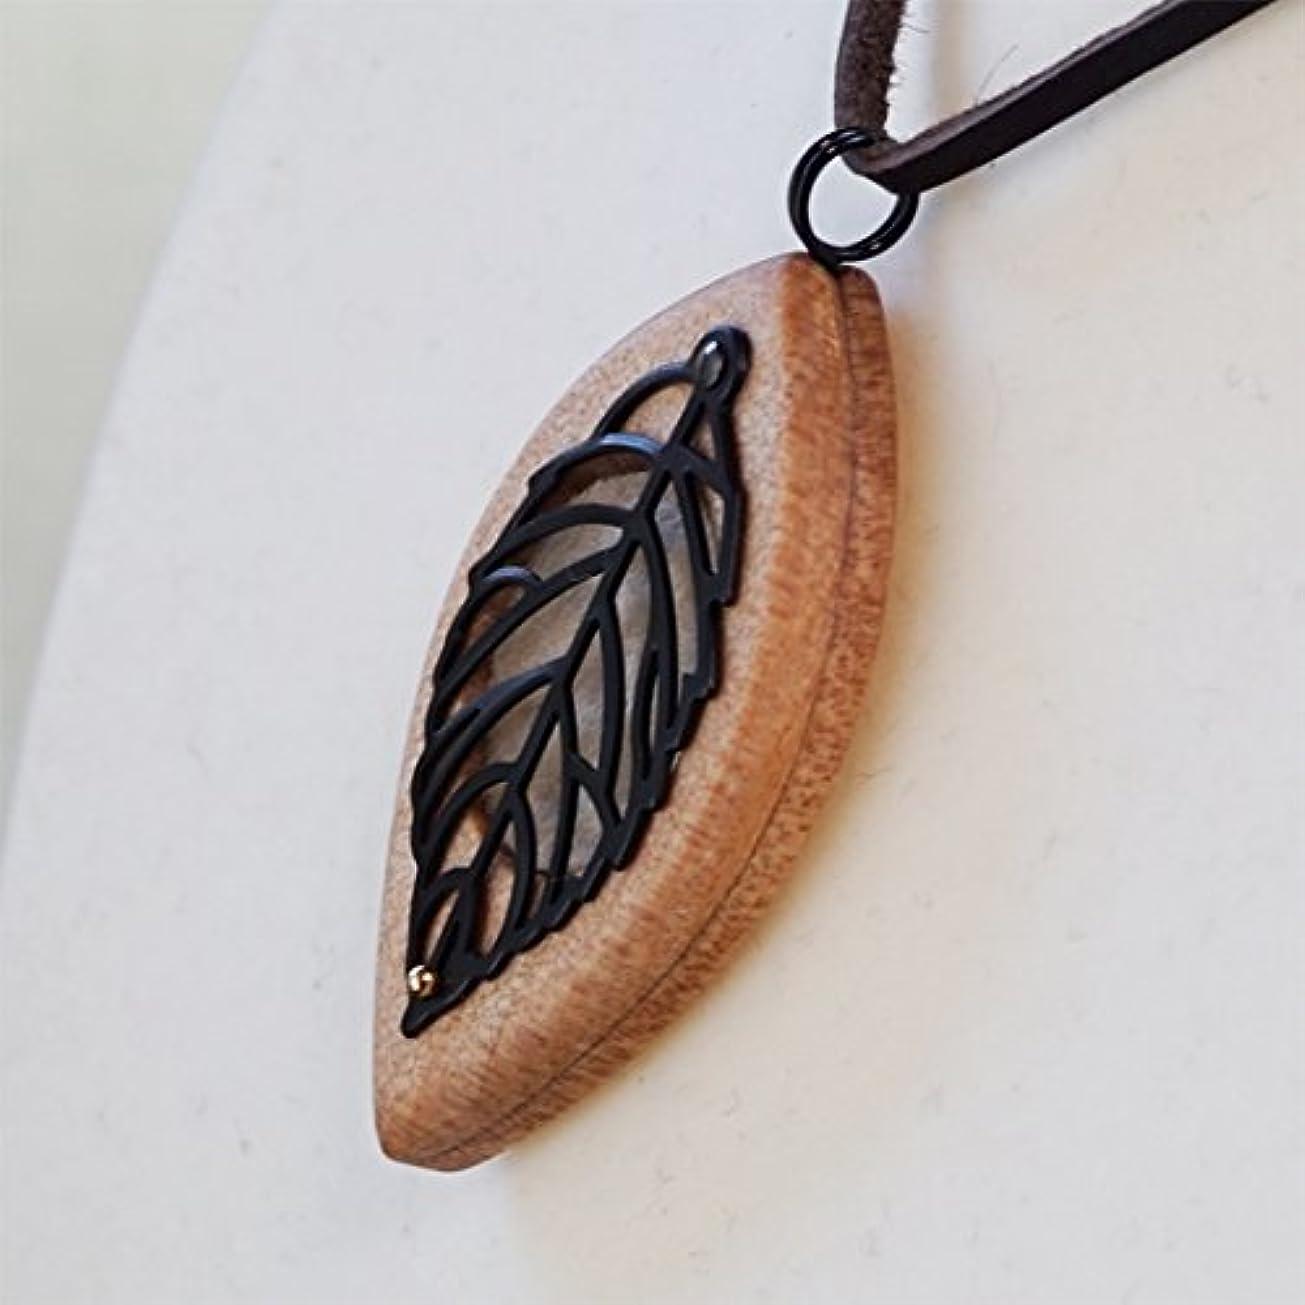 住居はっきりしない天の木製オリジナルアロマペンダント 【天使の小瓶】 木の葉(ブラック)